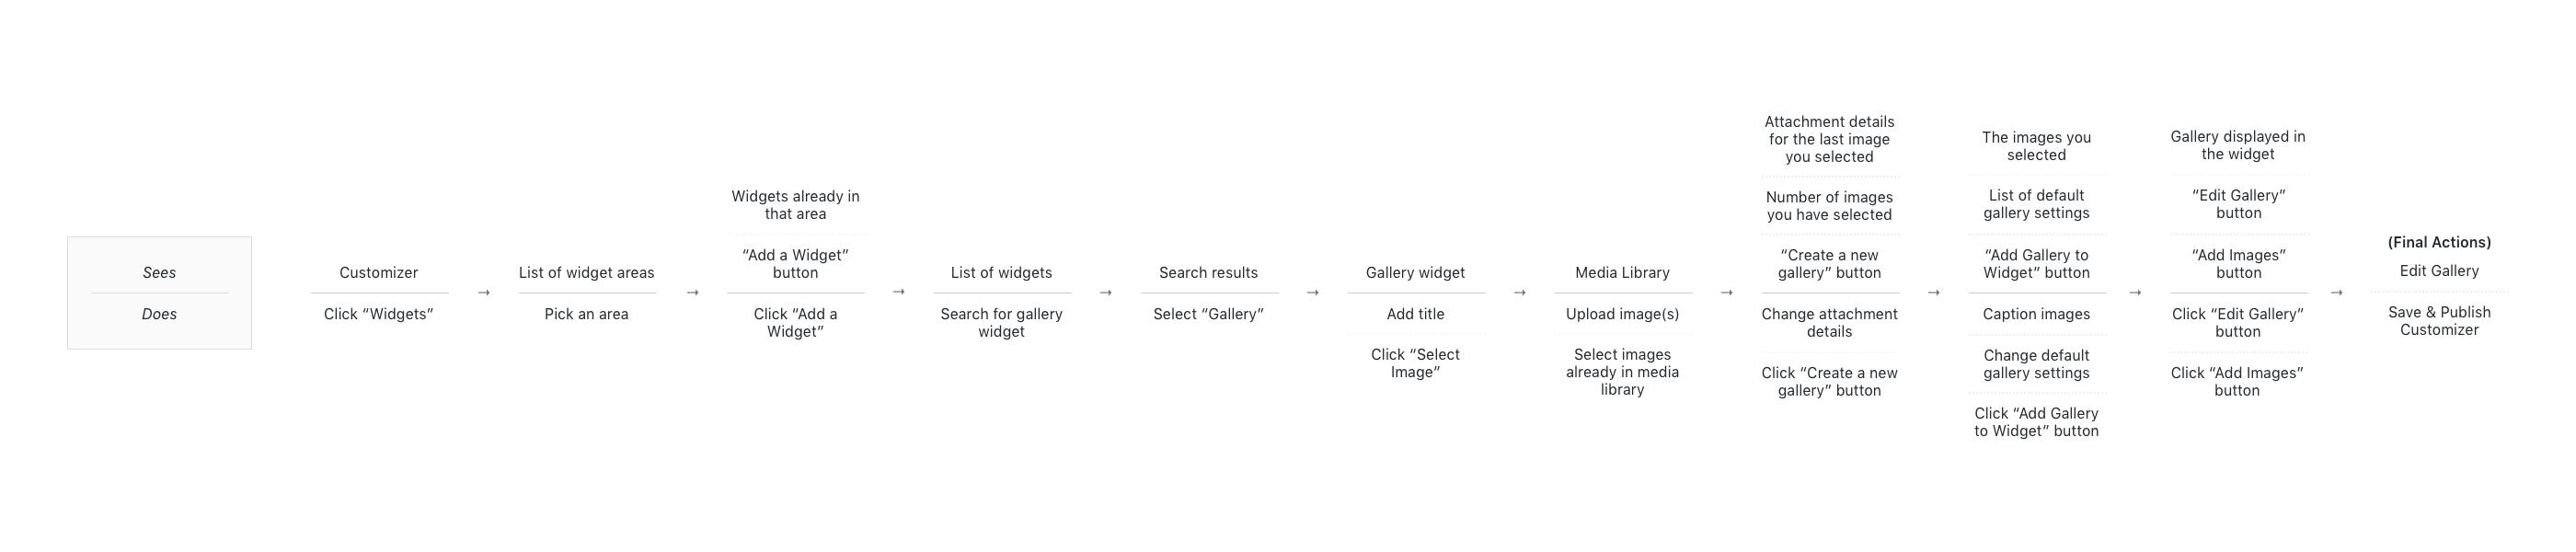 gallery widget flow